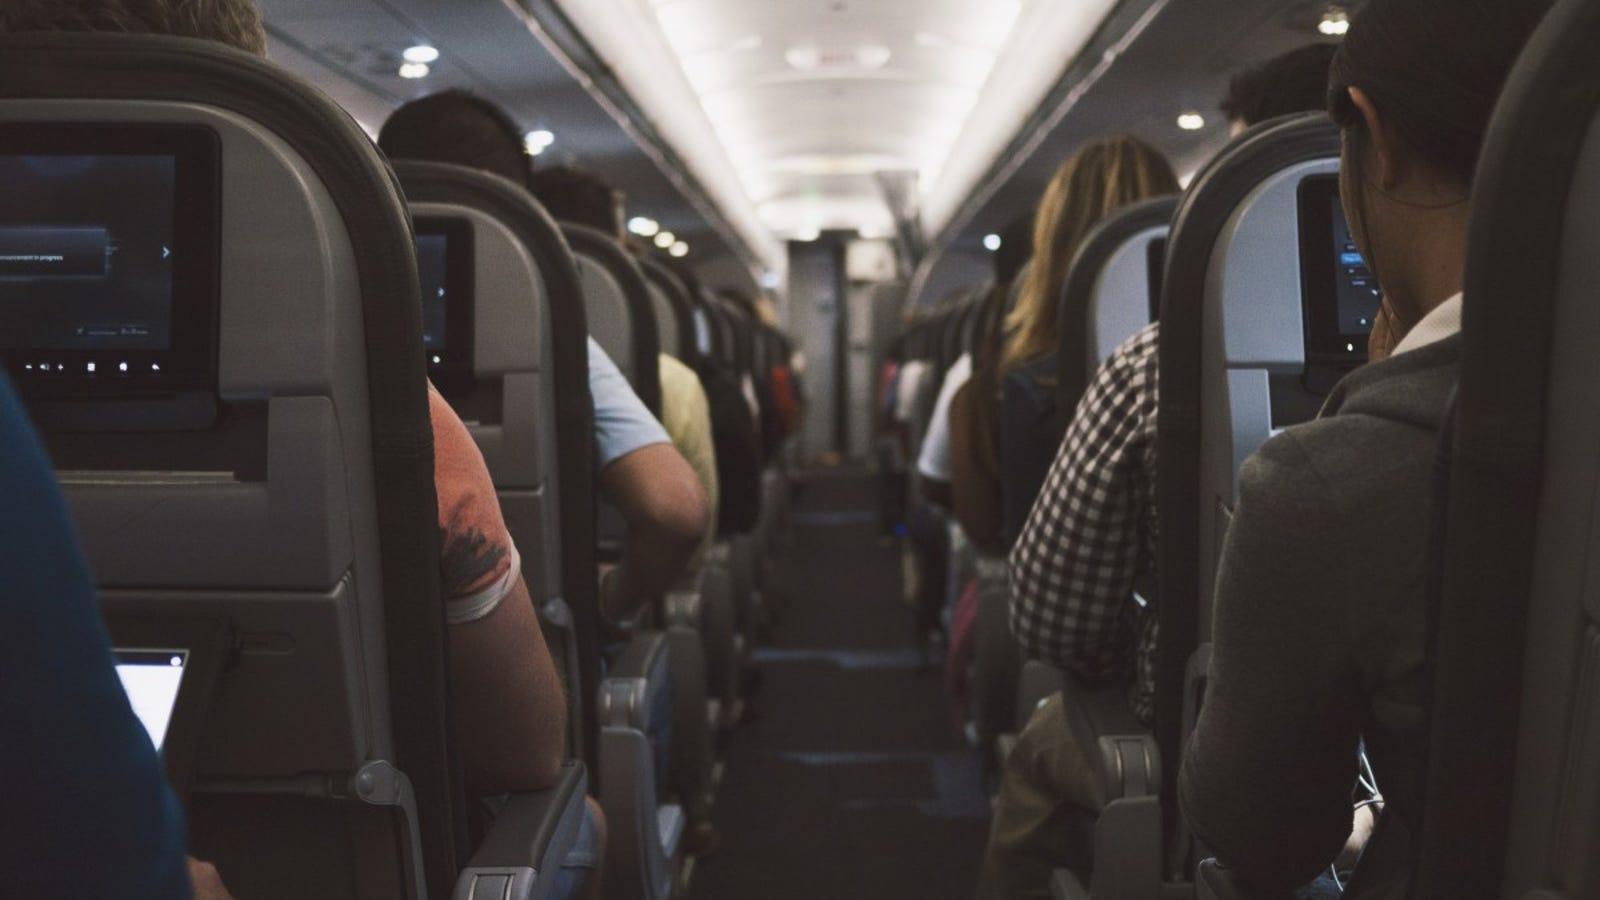 La sorprendente razón por la que los aviones apagan las luces durante el despegue y el aterrizaje